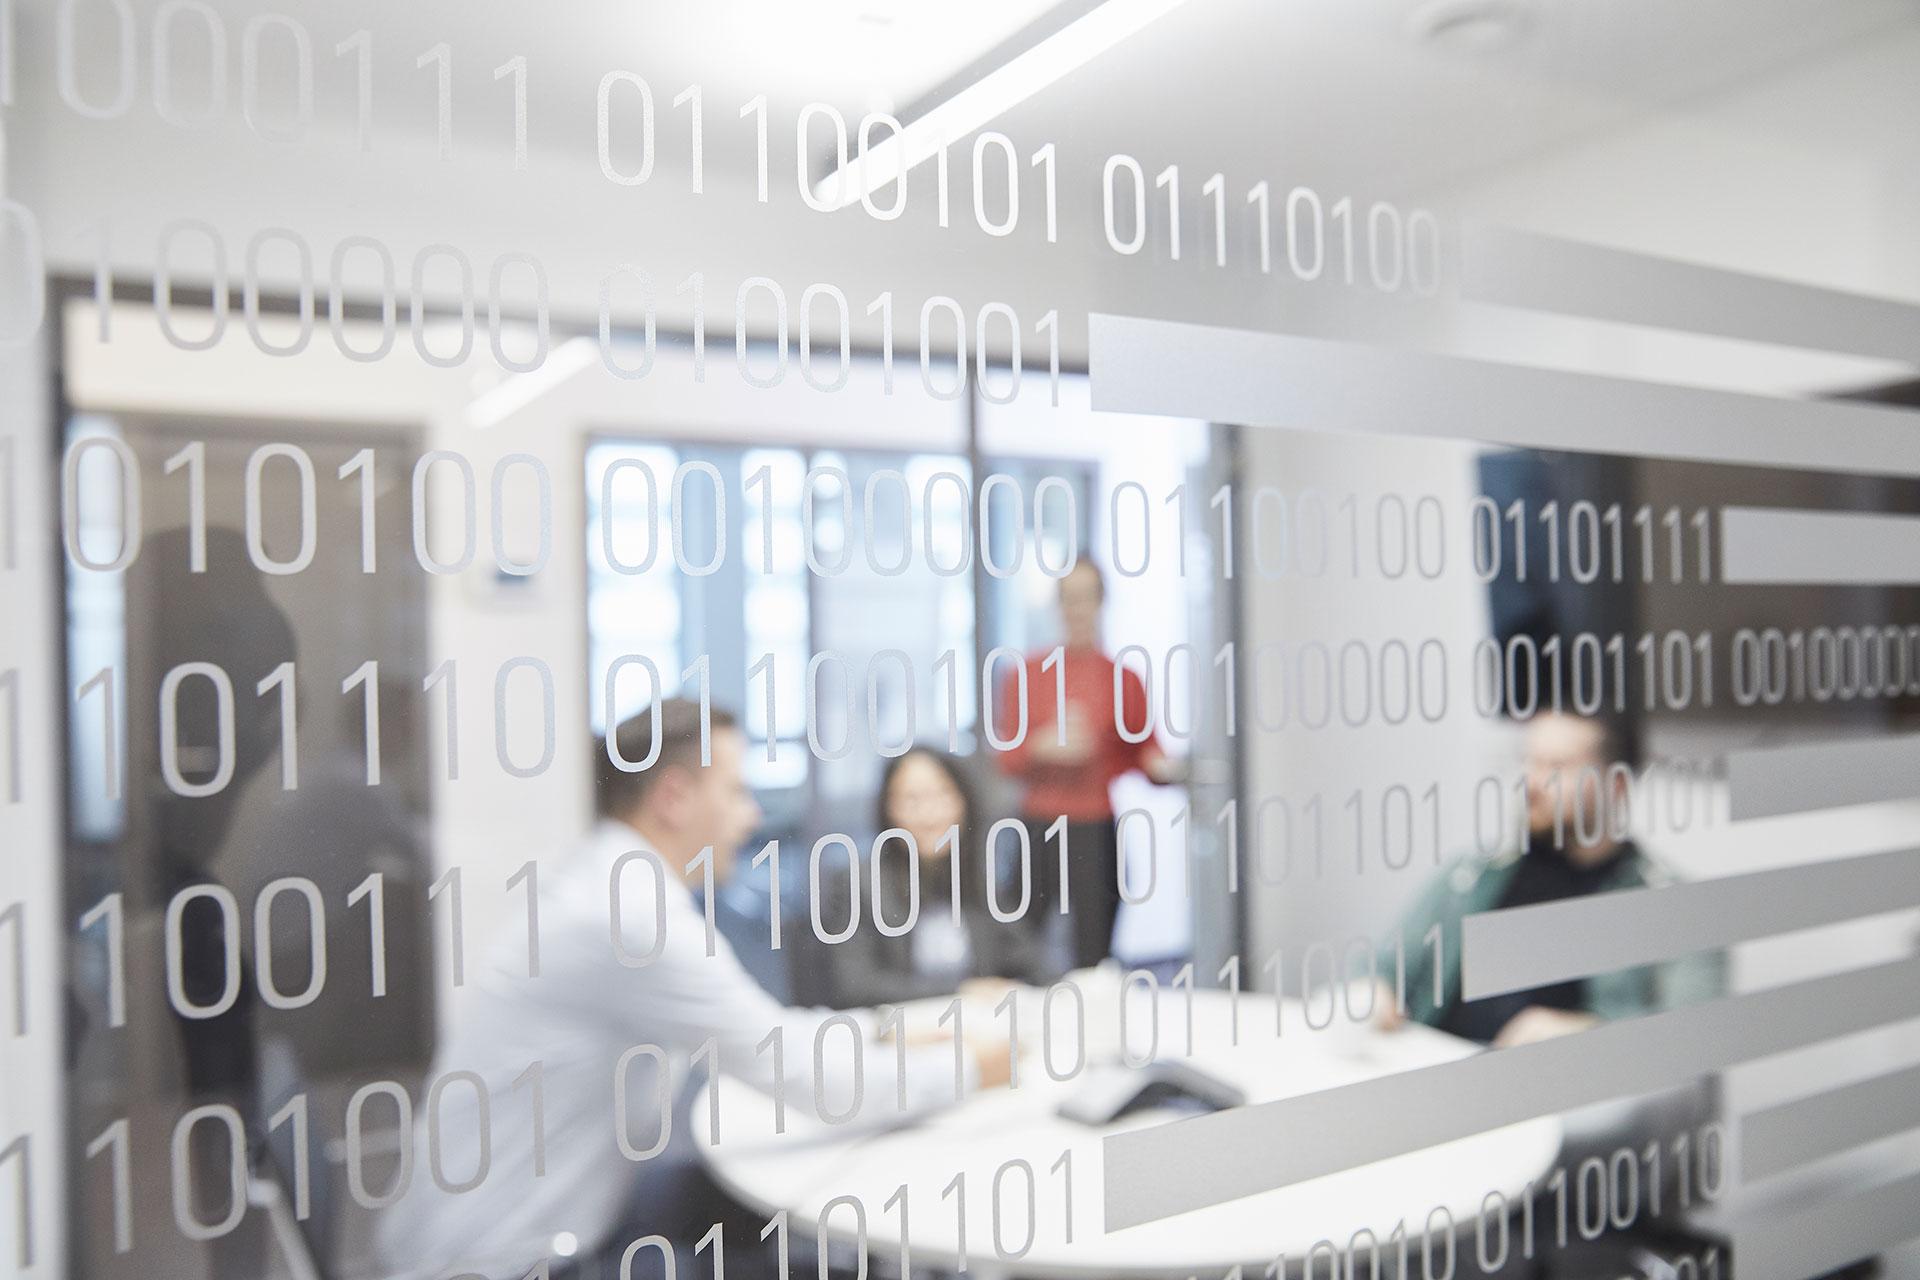 Technologie im Fokus - Egal ob Projektmanager oder Entwickler, jeder ist bei uns ein Technologist! Wie tief man in die Materie eintauchen will, steht jeder Kollegin und jedem Kollegen offen. So können sich Entwickler, die sich lieber auf Technologie fokussieren möchten, auch wirklich darauf konzentrieren. Und die Projektleiterin, die in eben diesem Technologieprojekt die Fäden in der Hand hat, kann Ihre Management Skills weiter verfeinern.